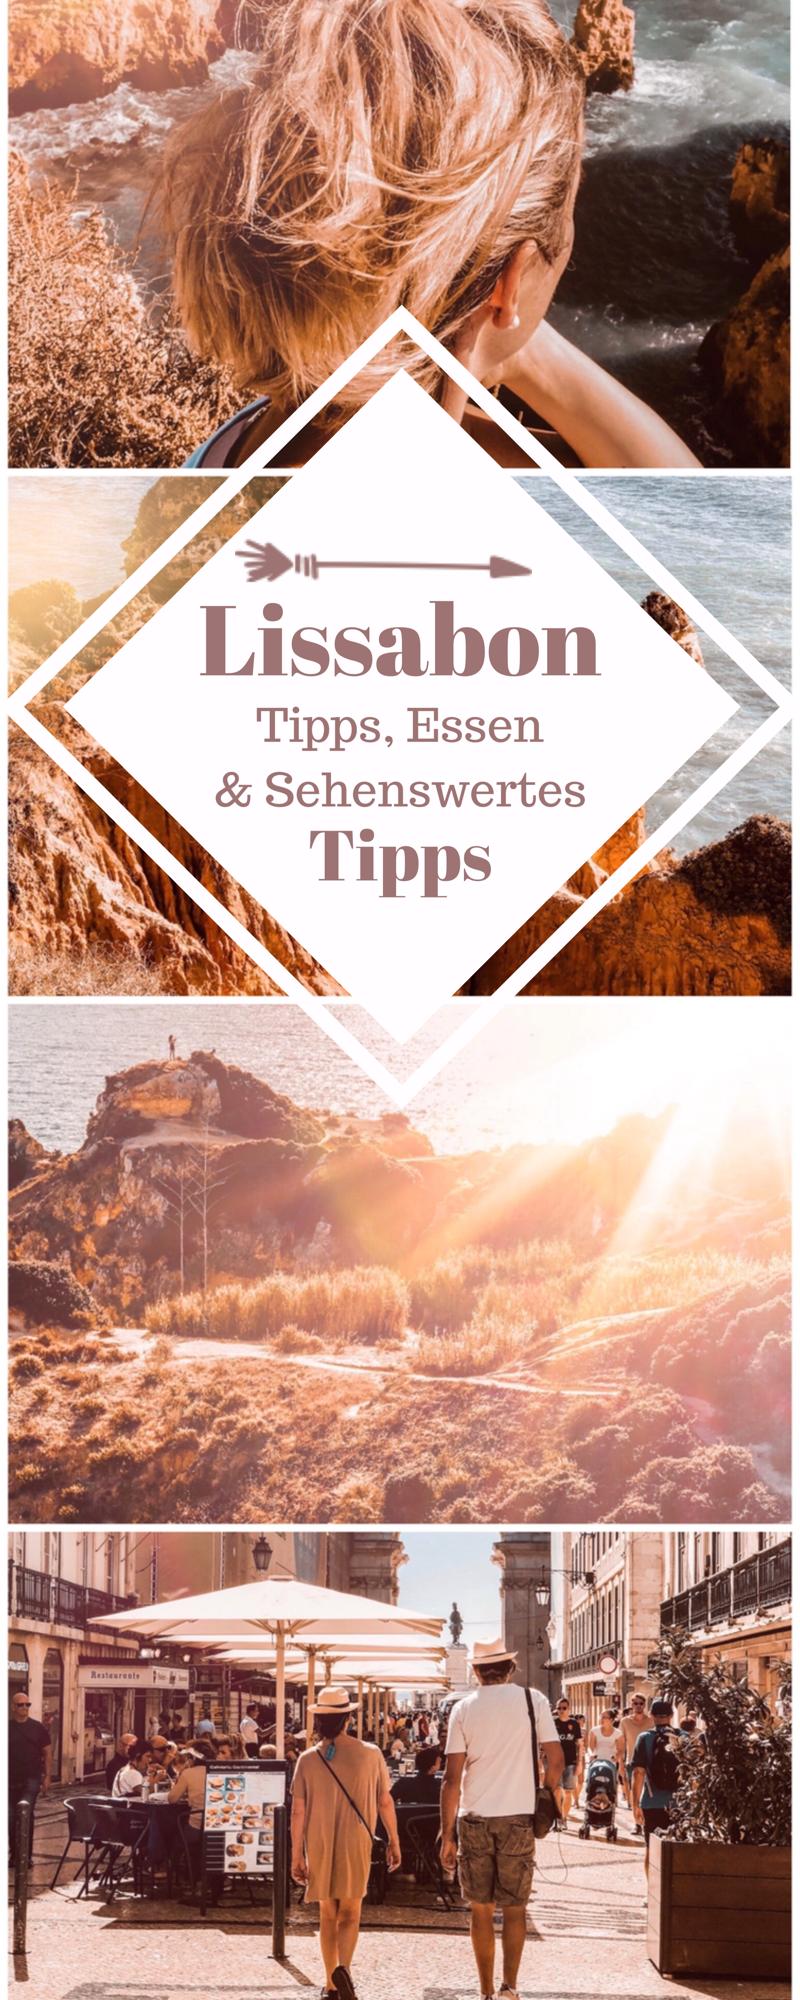 Porto oder Lissabon? 14 Sehenswürdigkeiten & Tipps für 3 Tage Lissabon ⋆ Child & Compass